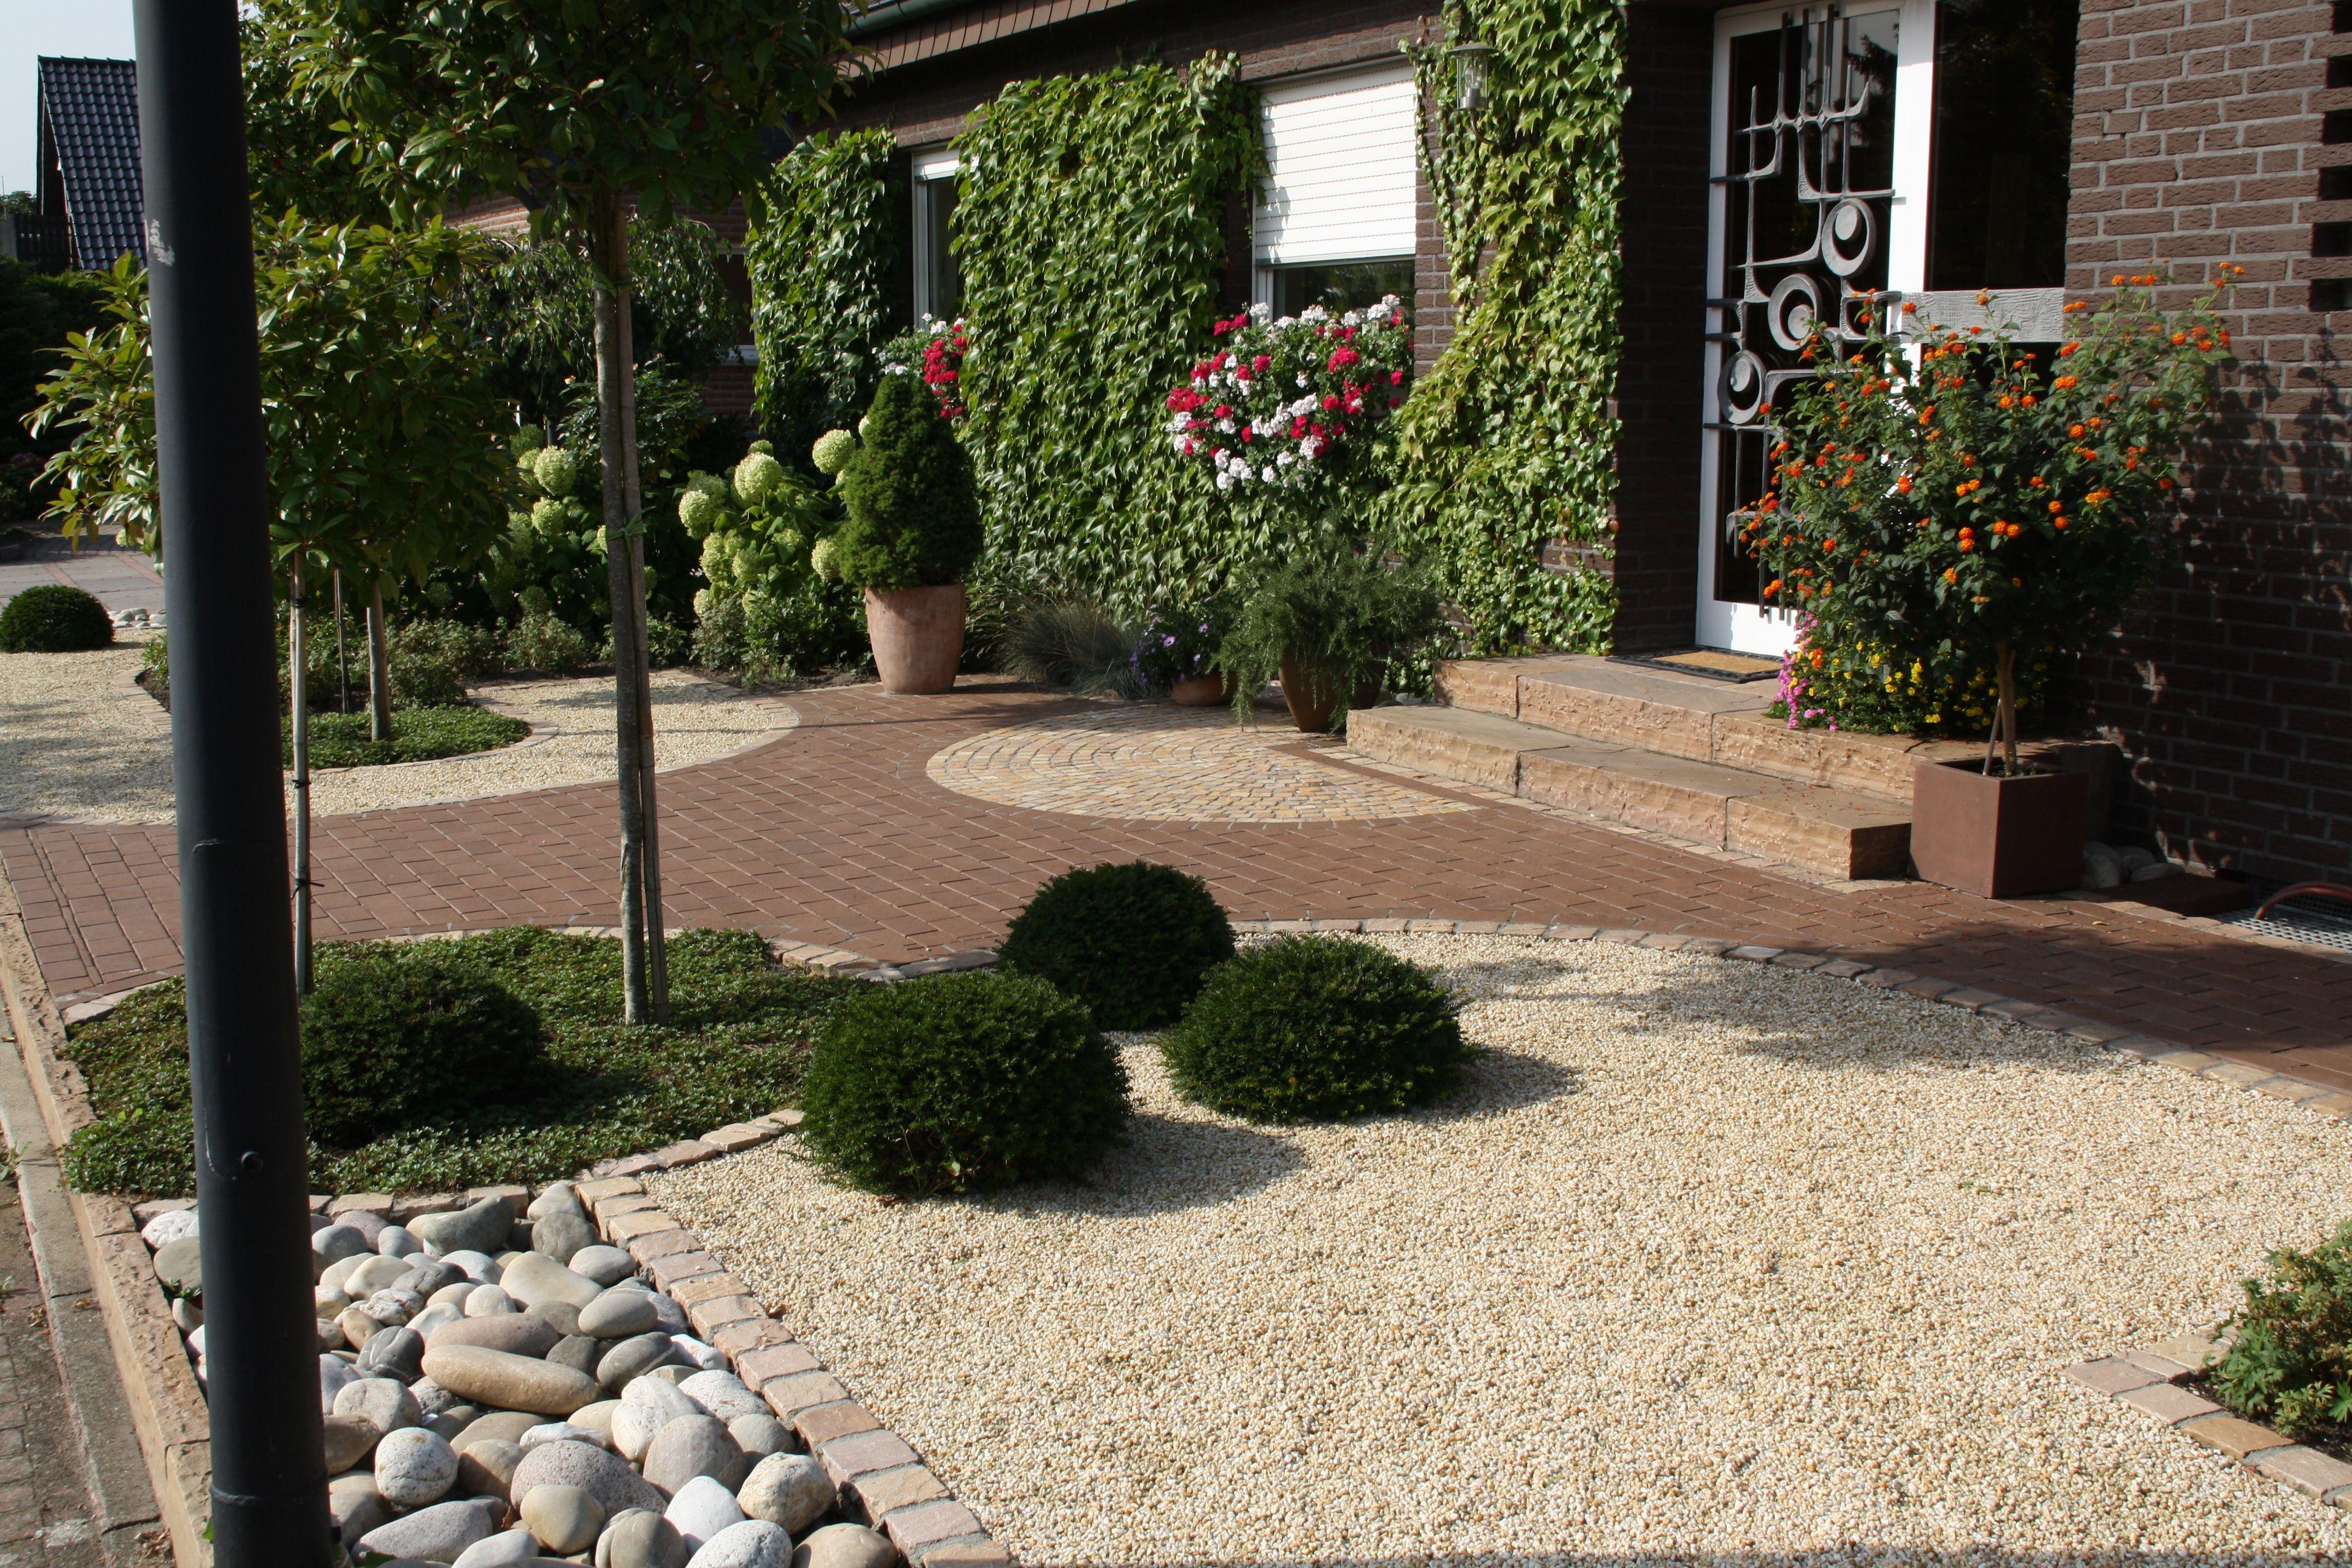 Pflegeleichter vorgarten garten pinterest garten front yards and gardens - Pflegeleichter vorgarten ...